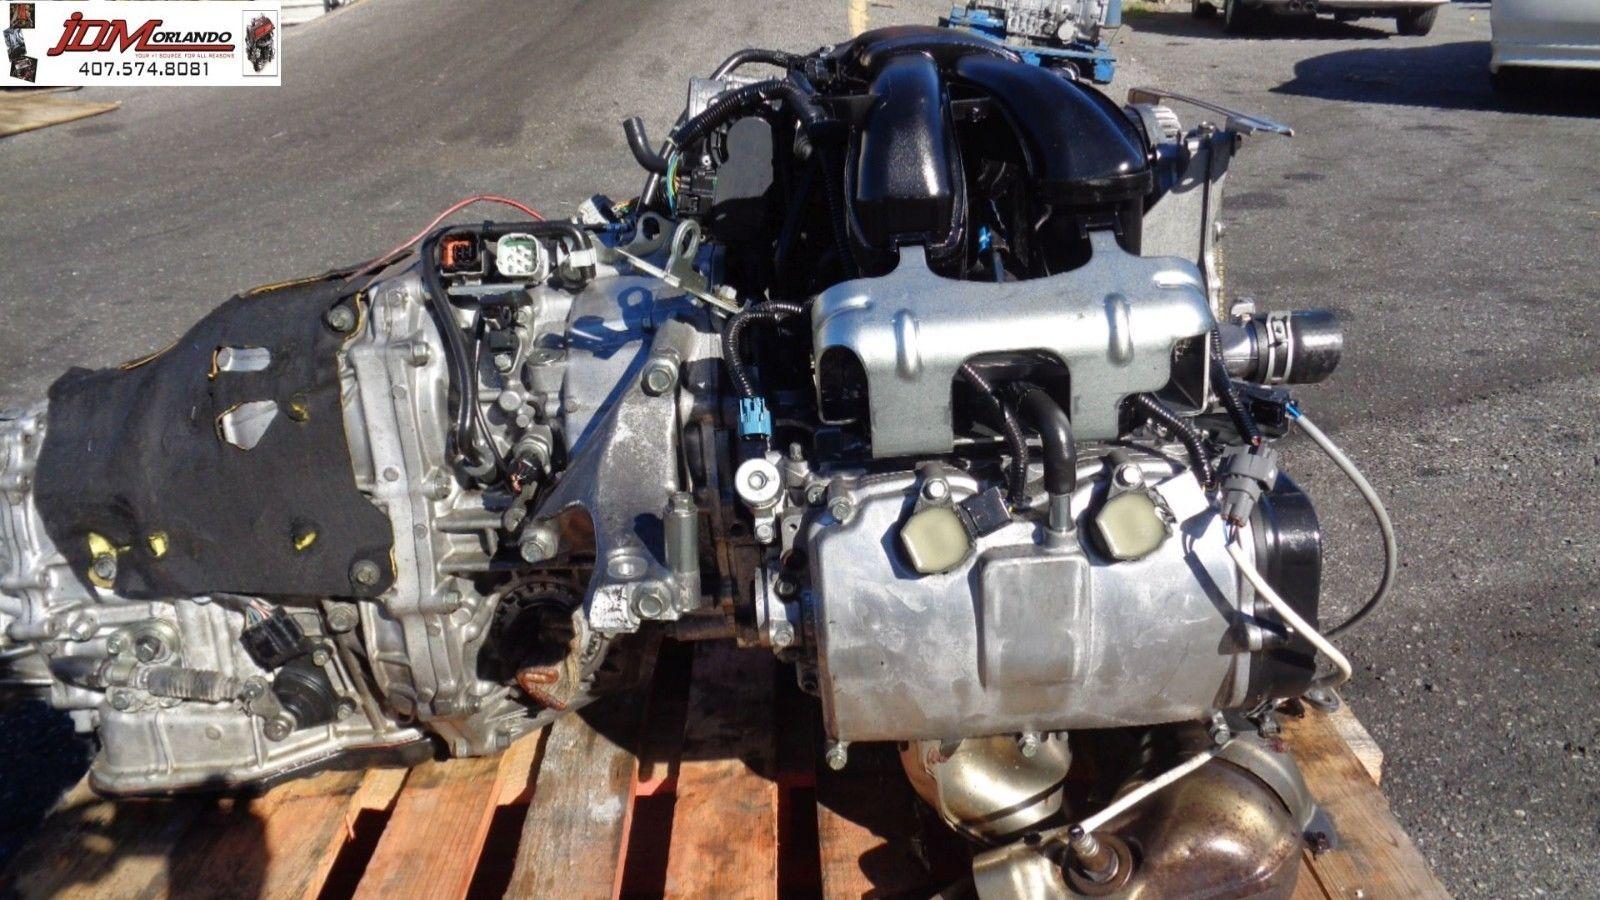 10-12 Subaru Outback 2 5l Sohc 4 Cylinder Engine JDM EJ253